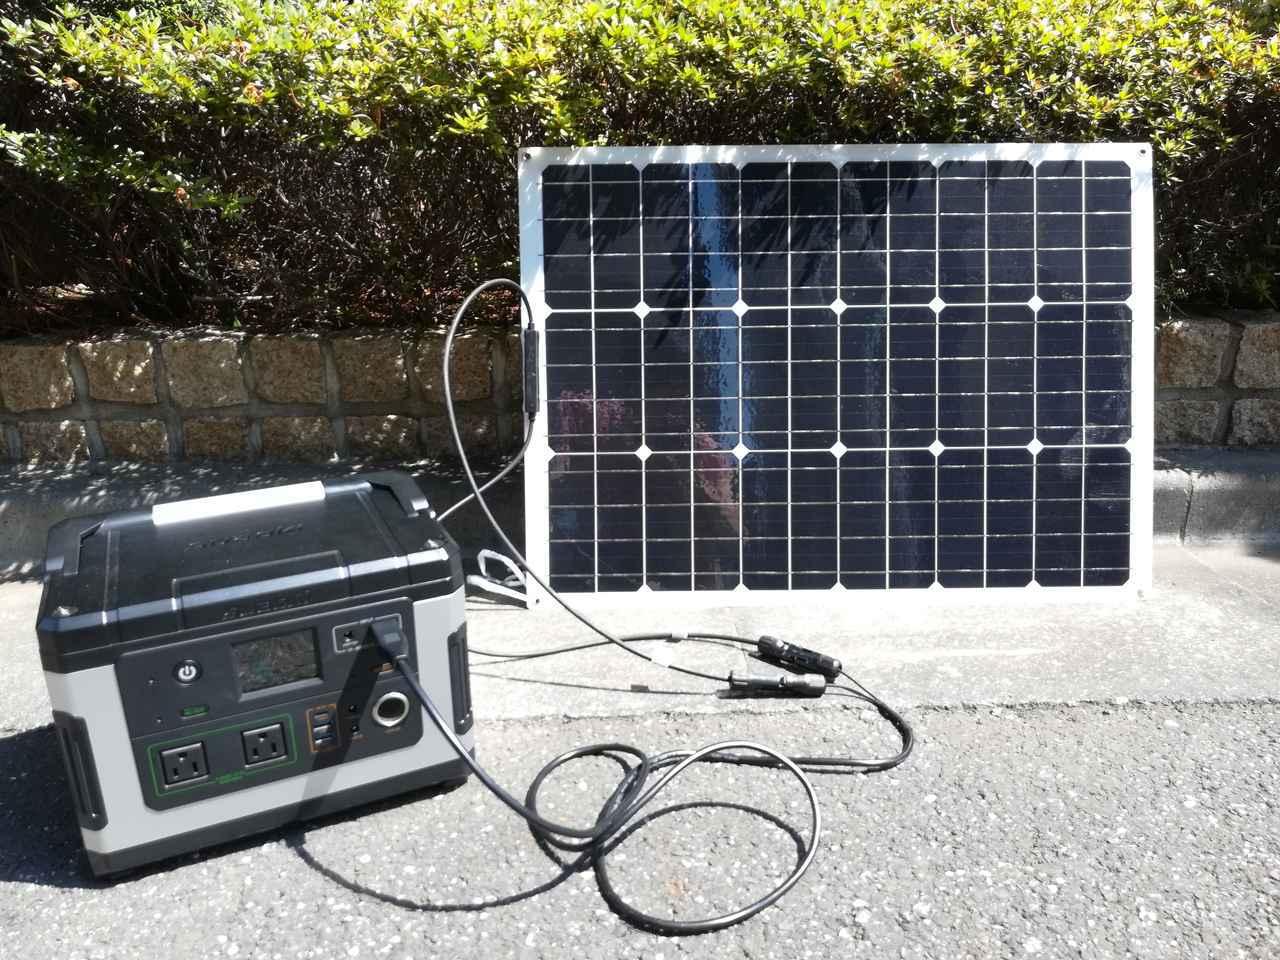 画像: 【体験レポ】ポータブル電源「suoaki G500」とソーラーパネル購入レビュー - ハピキャン(HAPPY CAMPER)